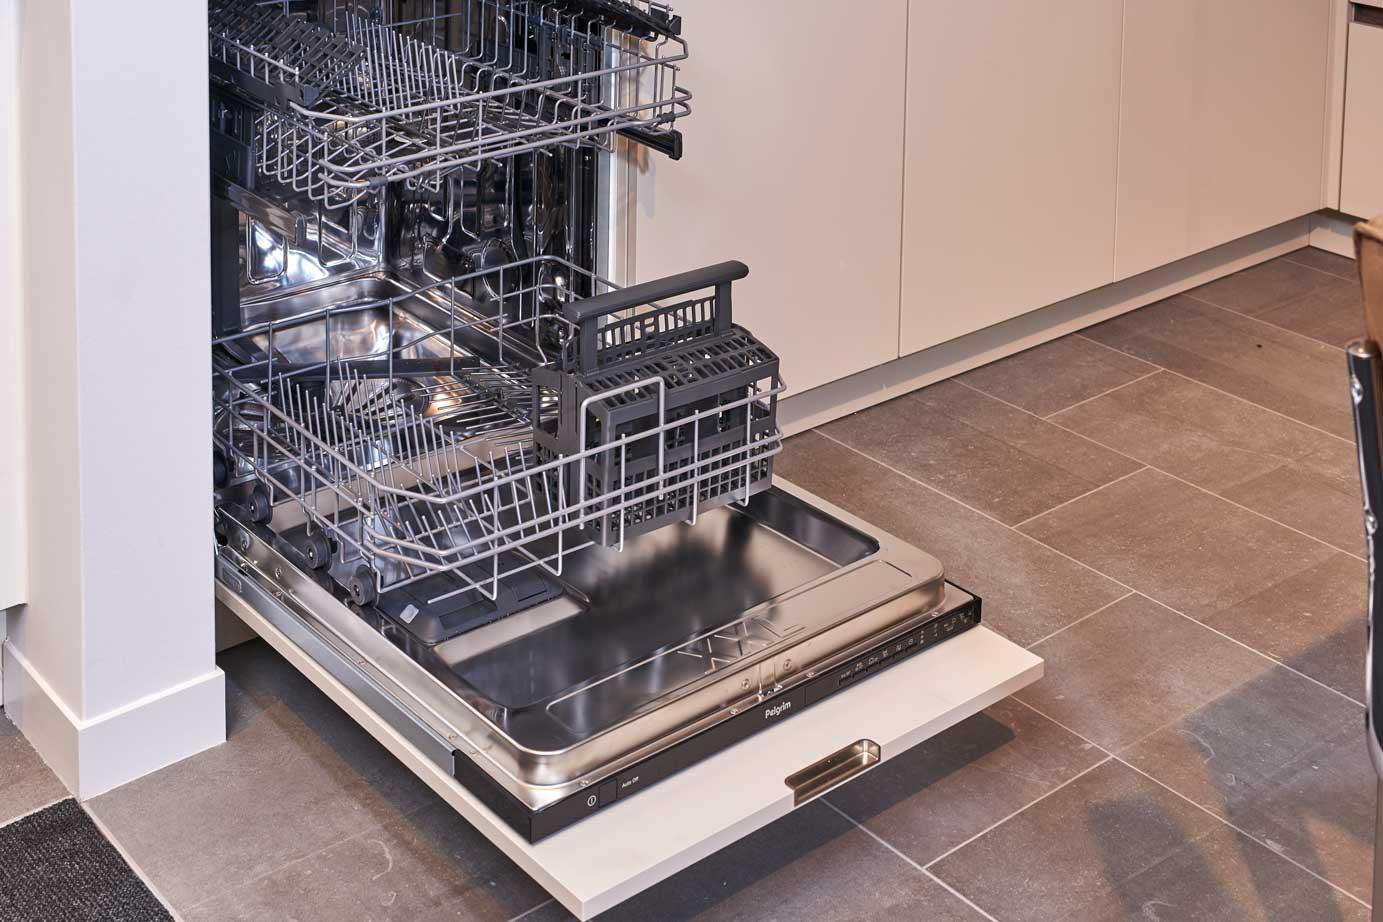 Greeploze Keuken Vaatwasser : Greeploze keuken met kunststof aanrechtblad – DB Keukens